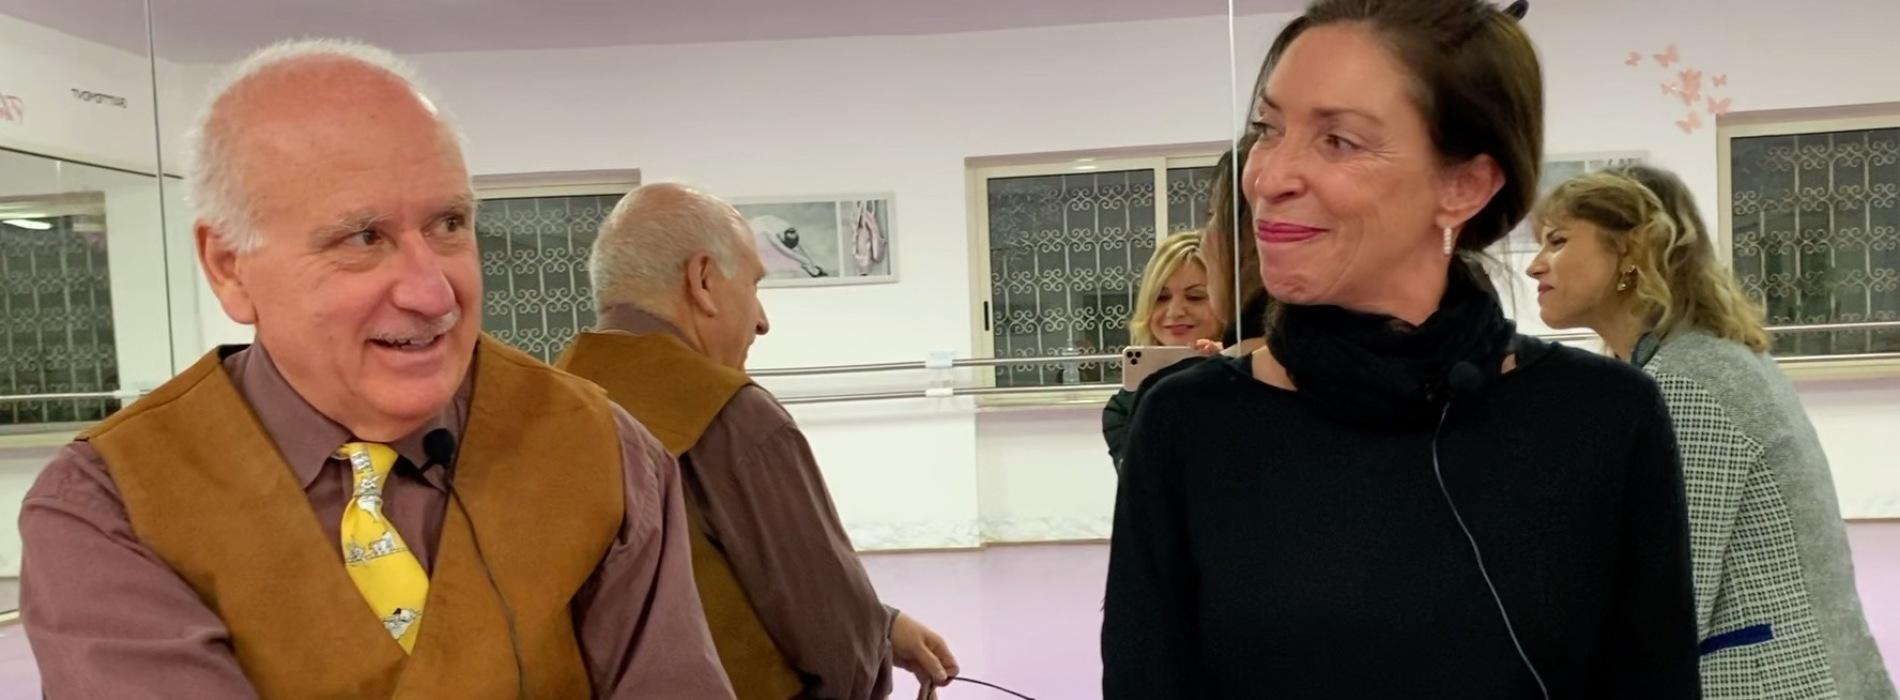 Nicoletta Pizzariello e Vinicio Colella al More Dance Studios